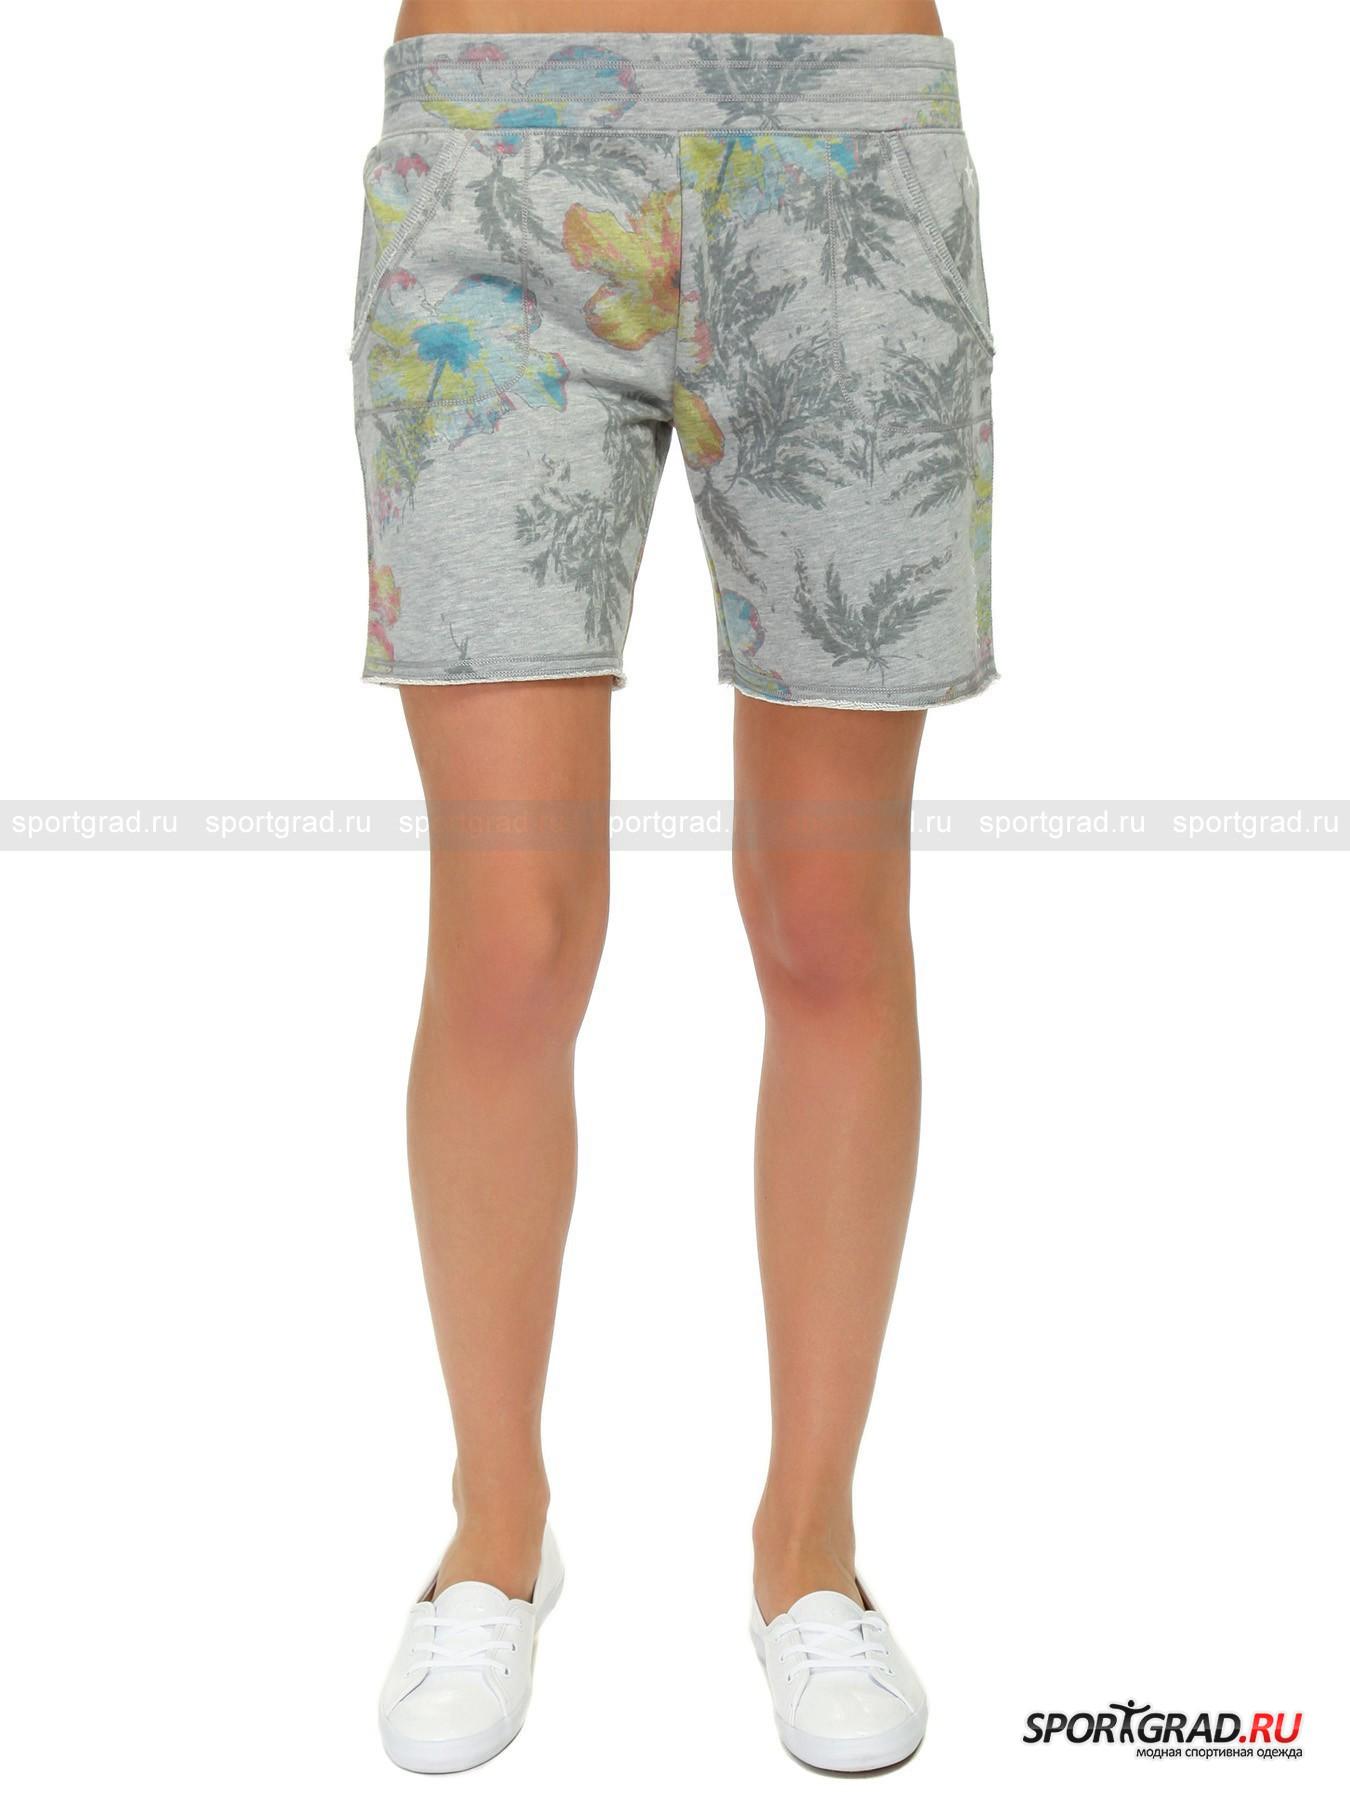 Шорты женские Keira FIRE&amp;ICEШорты, Велосипедки<br>Короткие женсике шорты Keira BOGNER FIRE+ICE со стильным all-over принтом – стильное дополнение любого летнего лука. Они выполнены из ткани футер с петельчатой внутренней поверхностью, что делает их не только приятными телу, но и очень комфортными в жару. Модель имеет свободный крой, плотный притачной пояс и 2 фронтальных накладных кармана. Изящные и нарядные, эти шорты выглядят просто бесподобно, подчёркивая оригинальность Вашего чувства вкуса.<br><br>Пол: Женский<br>Возраст: Взрослый<br>Тип: Шорты, Велосипедки<br>Рекомендации по уходу: Деликатная ручная стирка при температуре 30 градусов, щадящий ручной отжим, гладить при температуре до 120 градусов.